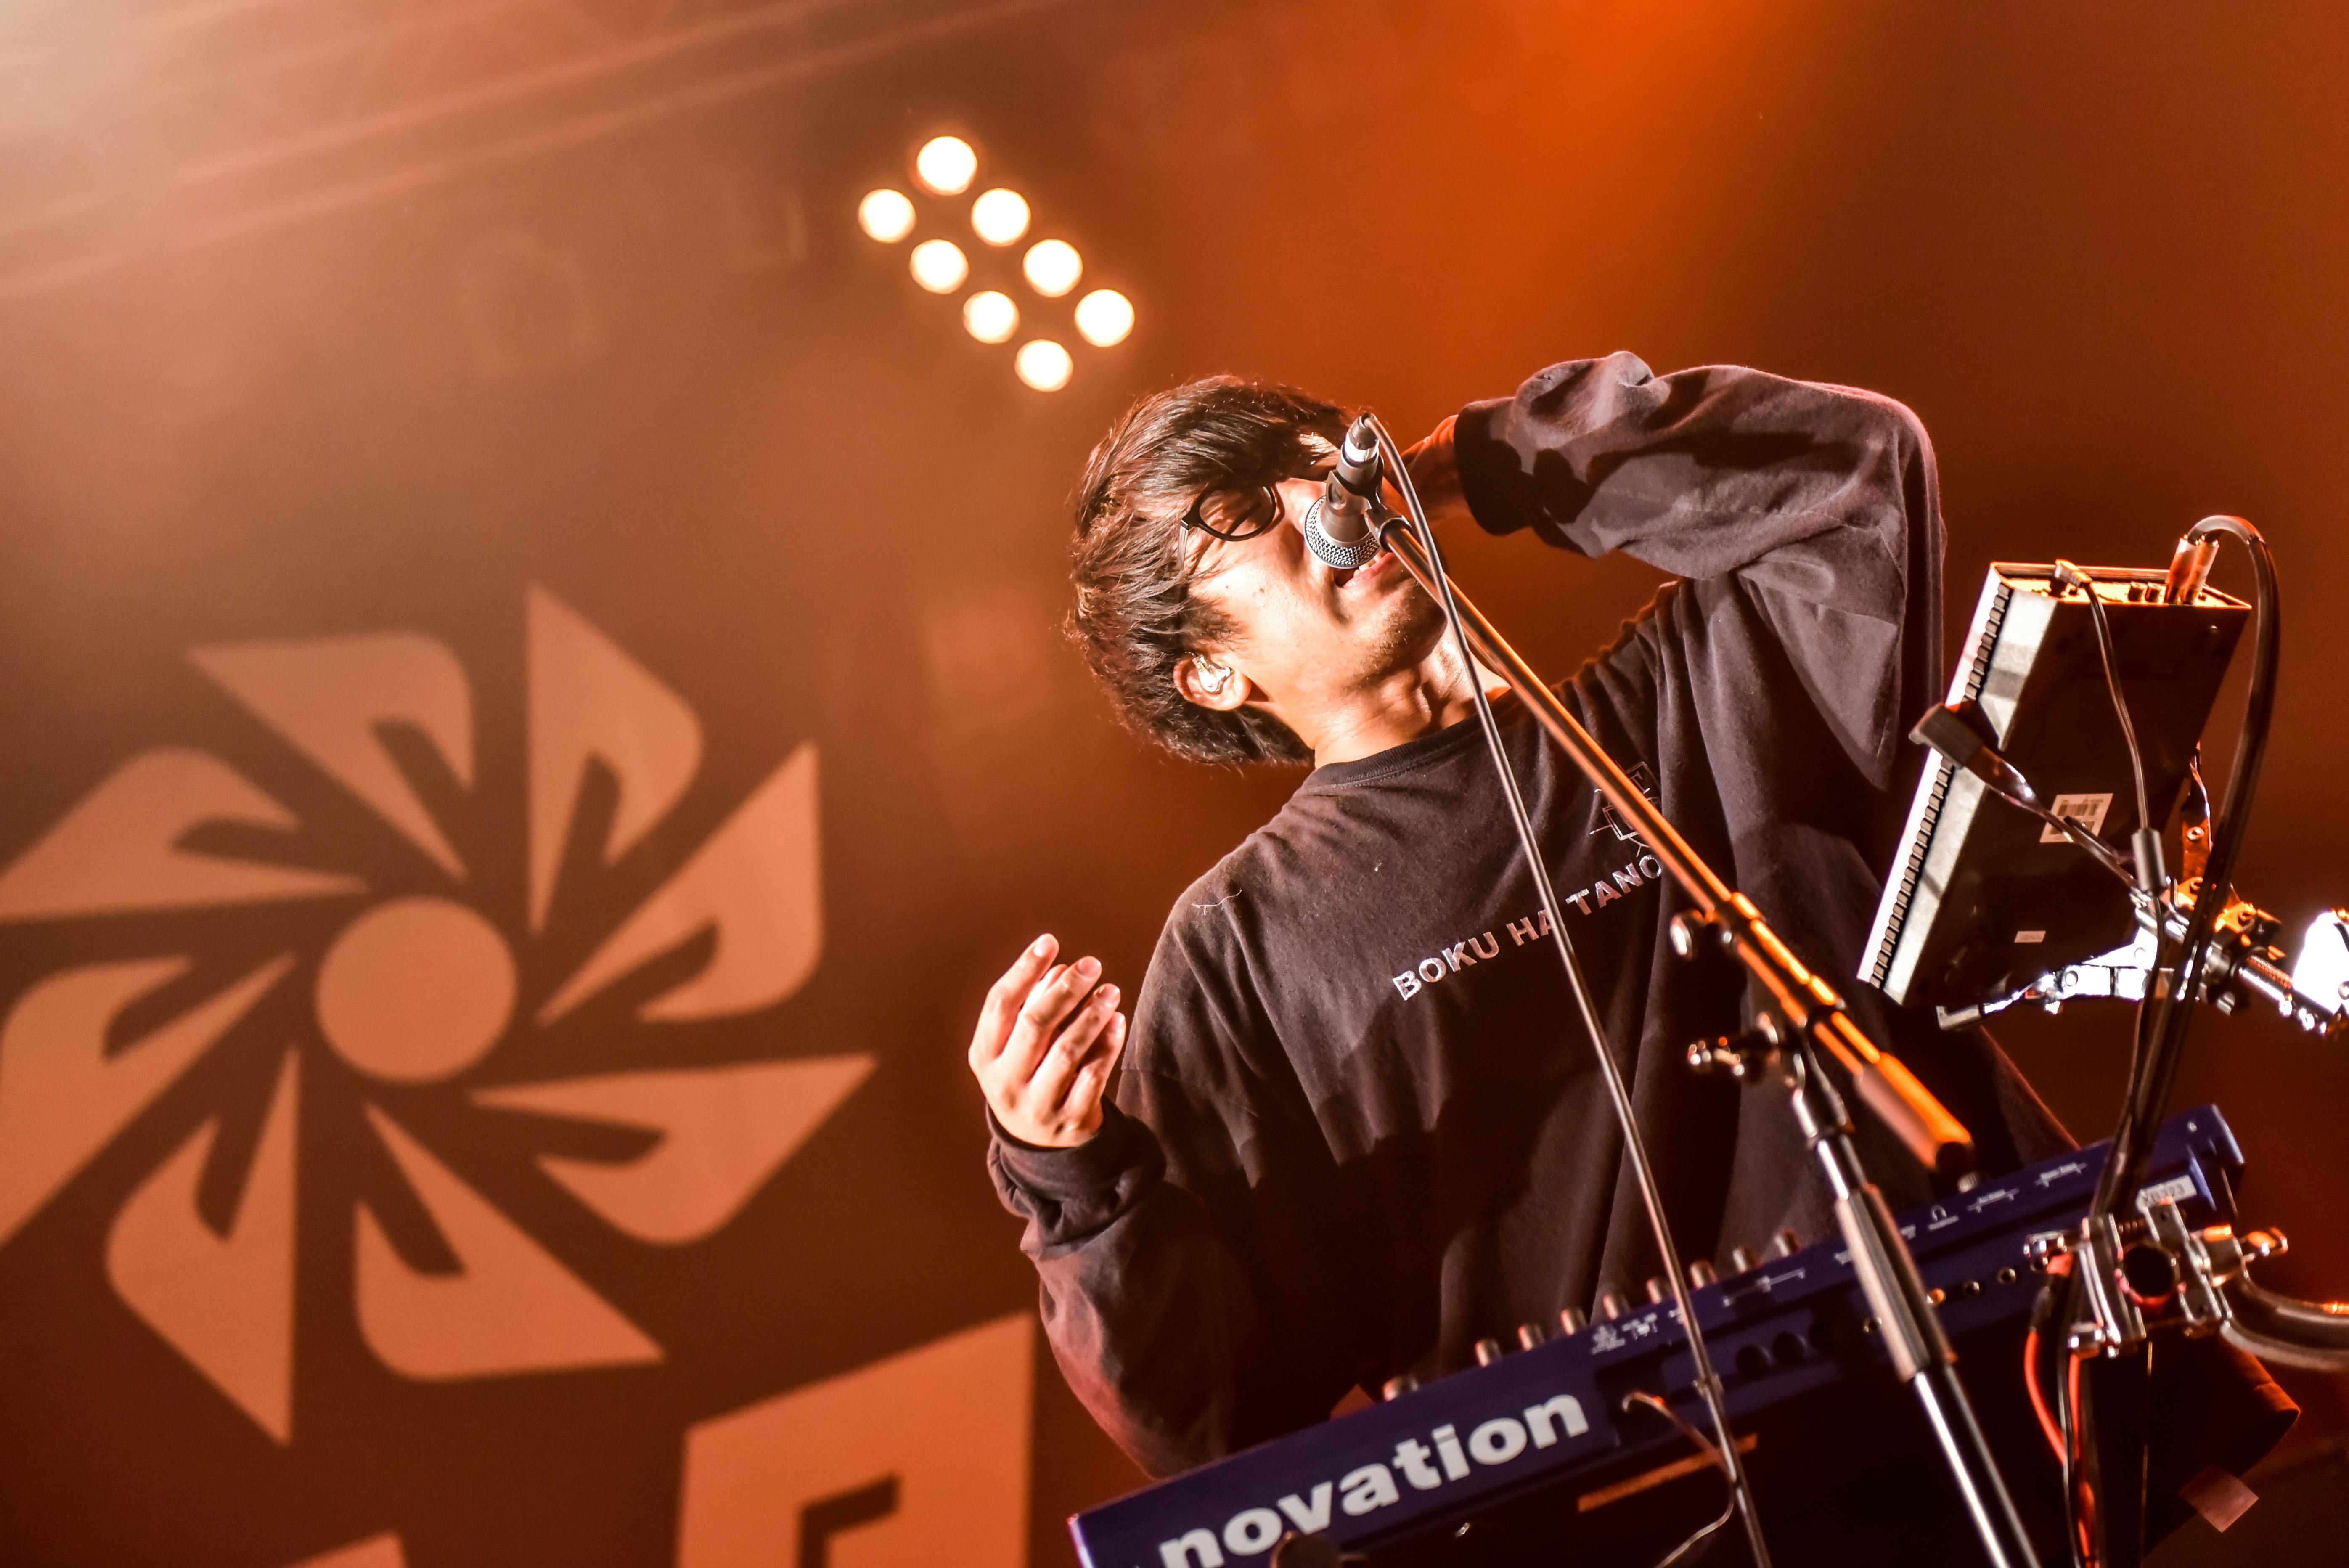 http://news.yoshimoto.co.jp/20180928205000-a597fb2036980090945a3cabe4604624caddac19.jpg